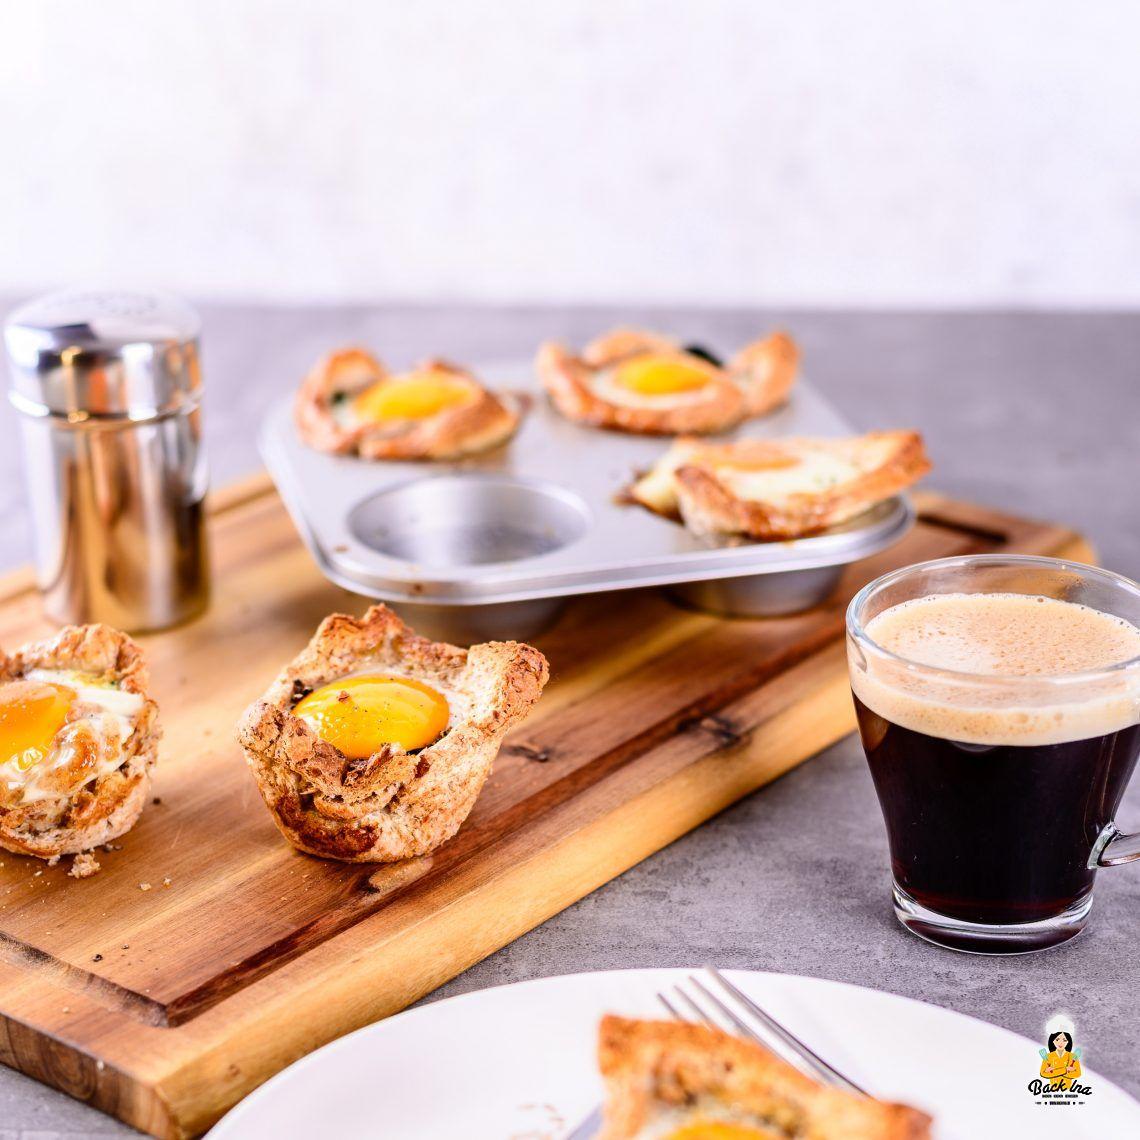 Ei-nzigartiges Frühstück (Ei-Muffins zum Brunch)